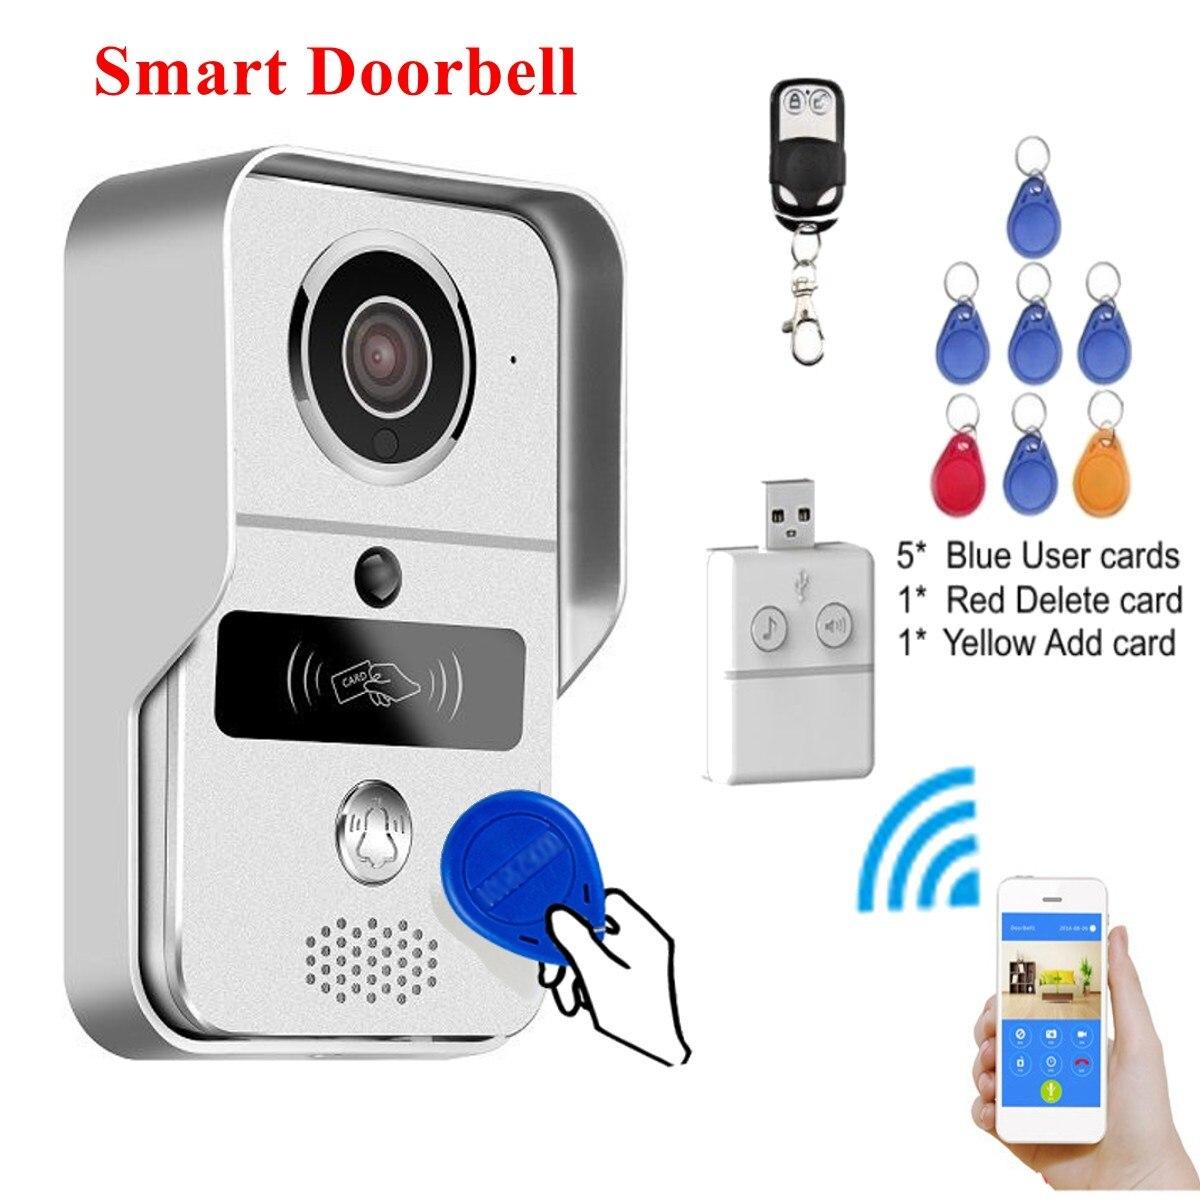 NOVA Safurance RFID Habilitado Telefone Inteligente Wi-fi Sem Fio Controle Remoto Campainha Anel De Câmera de Vídeo de Segurança Em Casa Porta Interfone